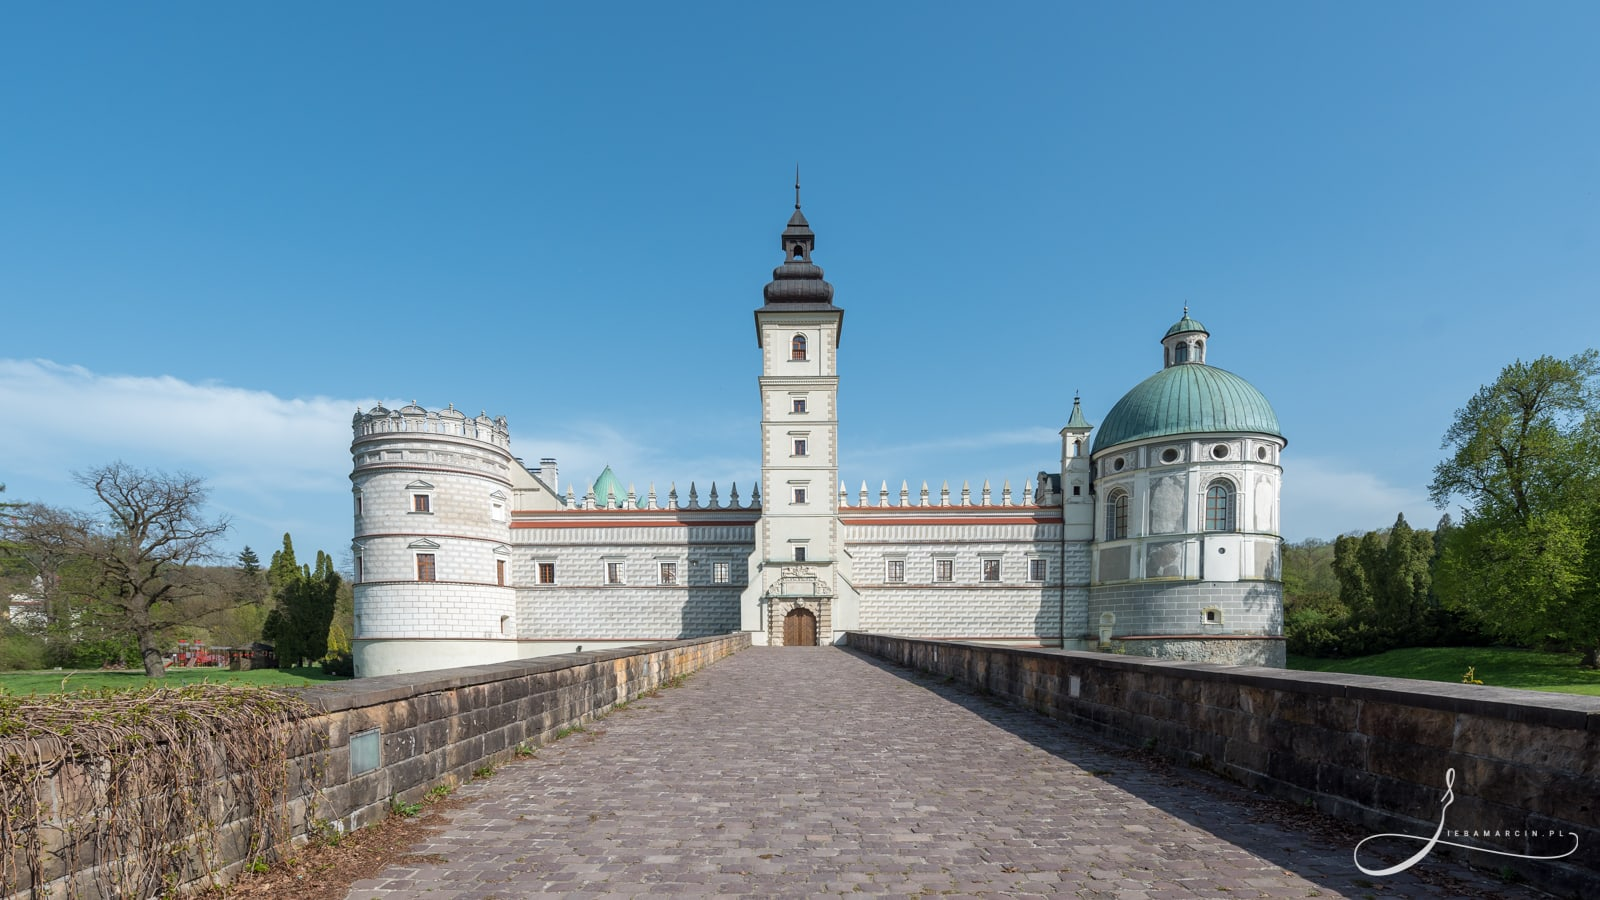 Zamek w Krasiczynie - zamek wybudowany w stylu renesansowo-manierystycznym, zbudowany na przełomie XVI i XVII wieku